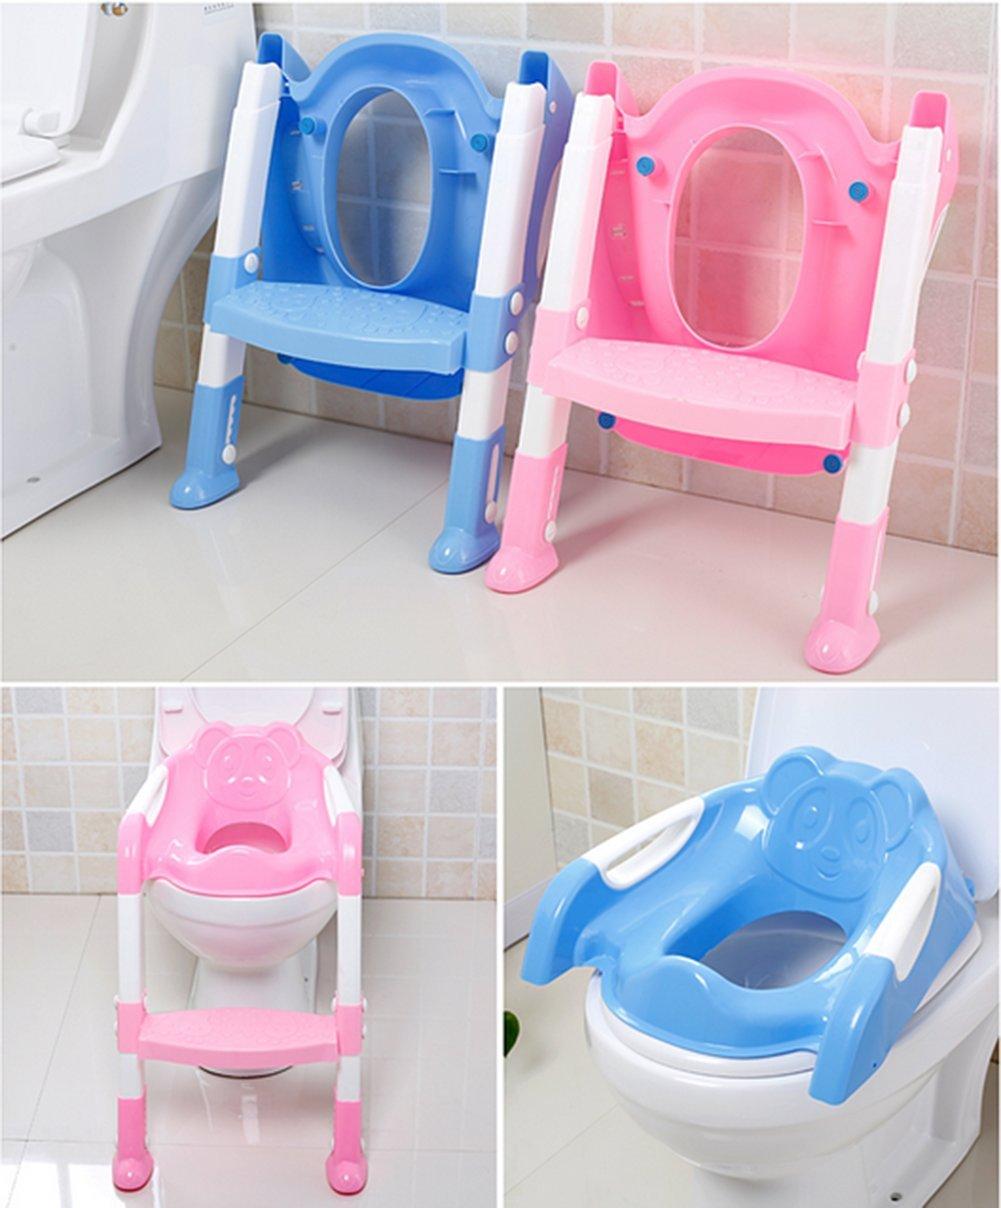 Mackur Kinder T/öpfchentrainer Faltbar Toilettensitz Trainer Sitz Kinder T/öpfchen Toiletten Training mit Treppe Toiletten-Trainingshilfe 1 St/ück Rose